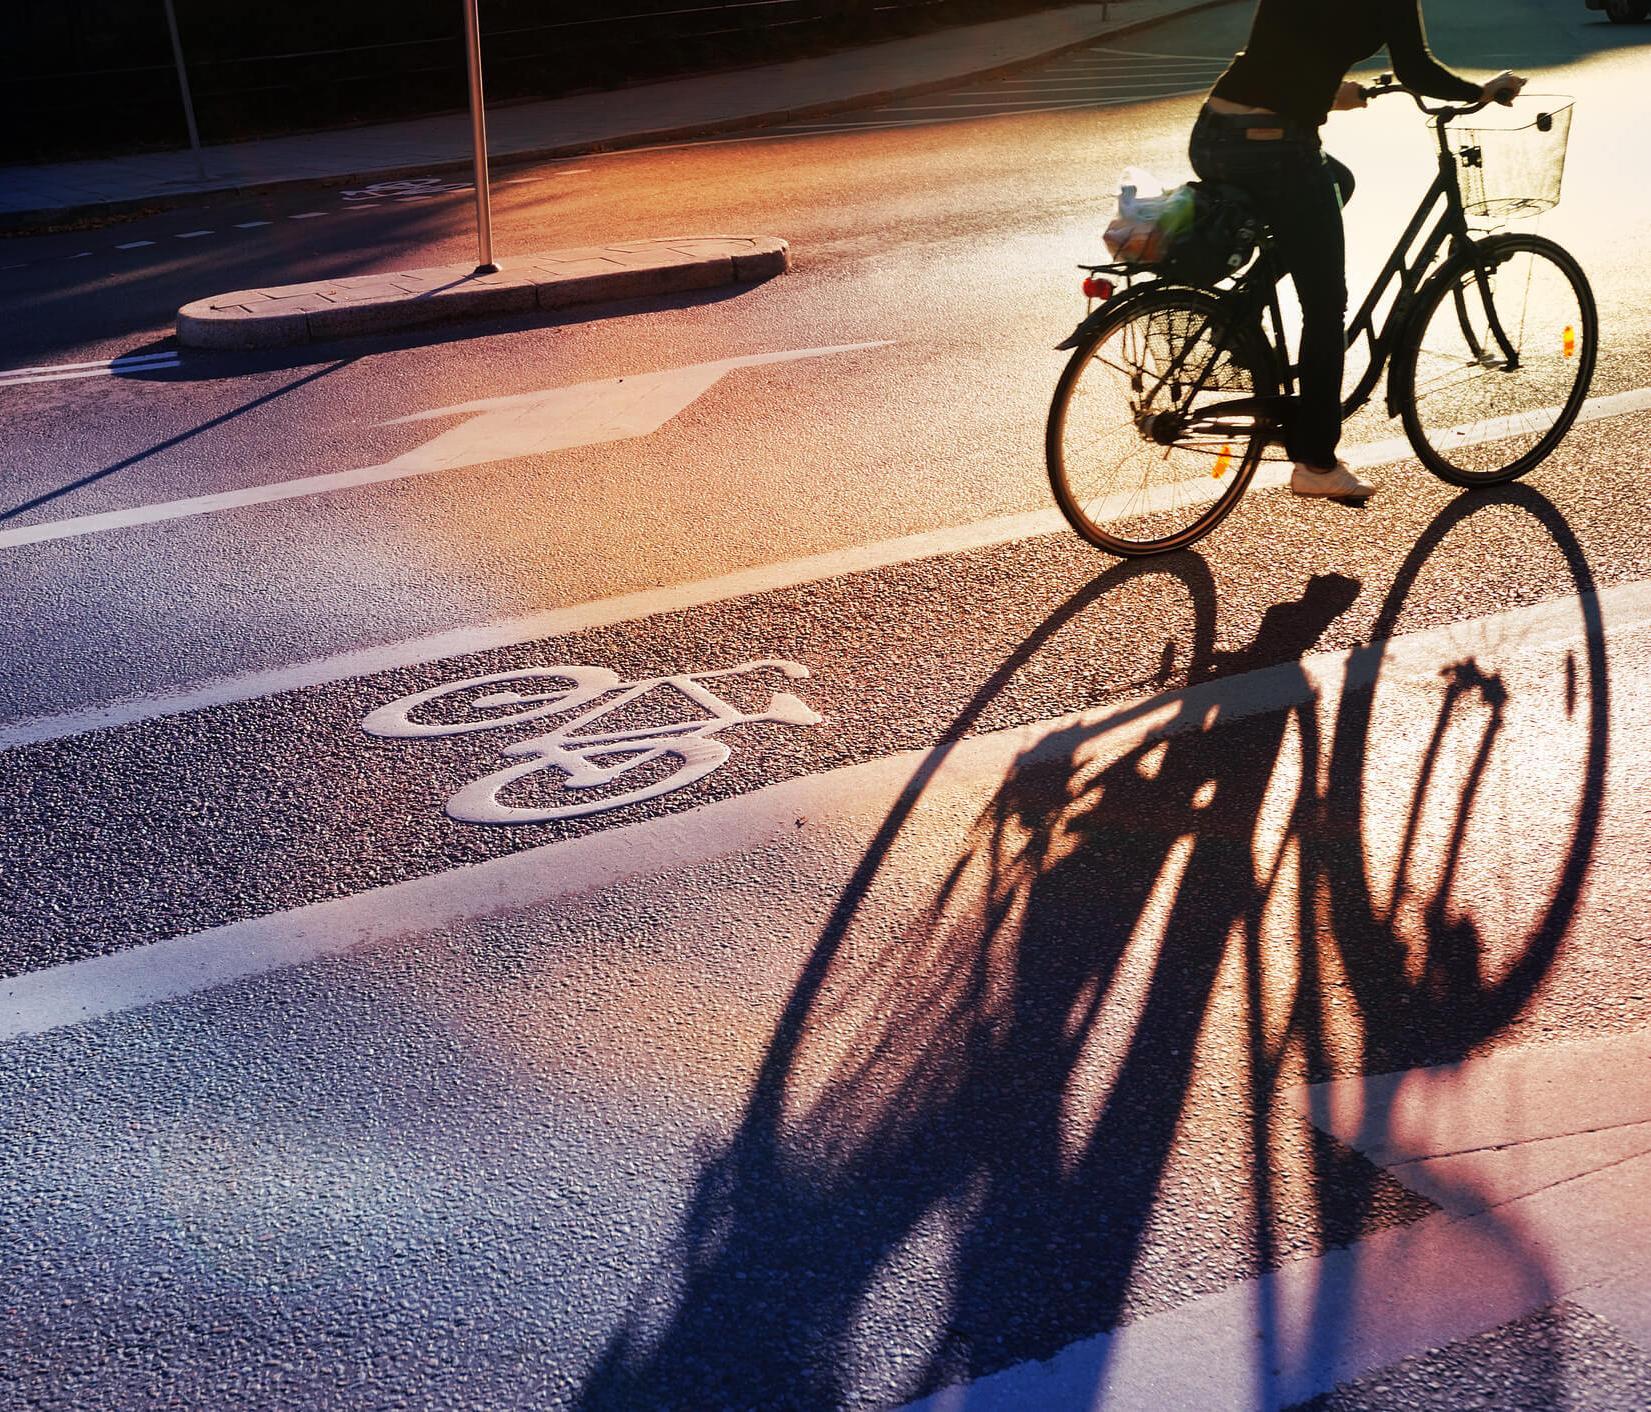 Entretien, équipement, règles de circulation : nos conseils pour faire du vélo en toute sécurité